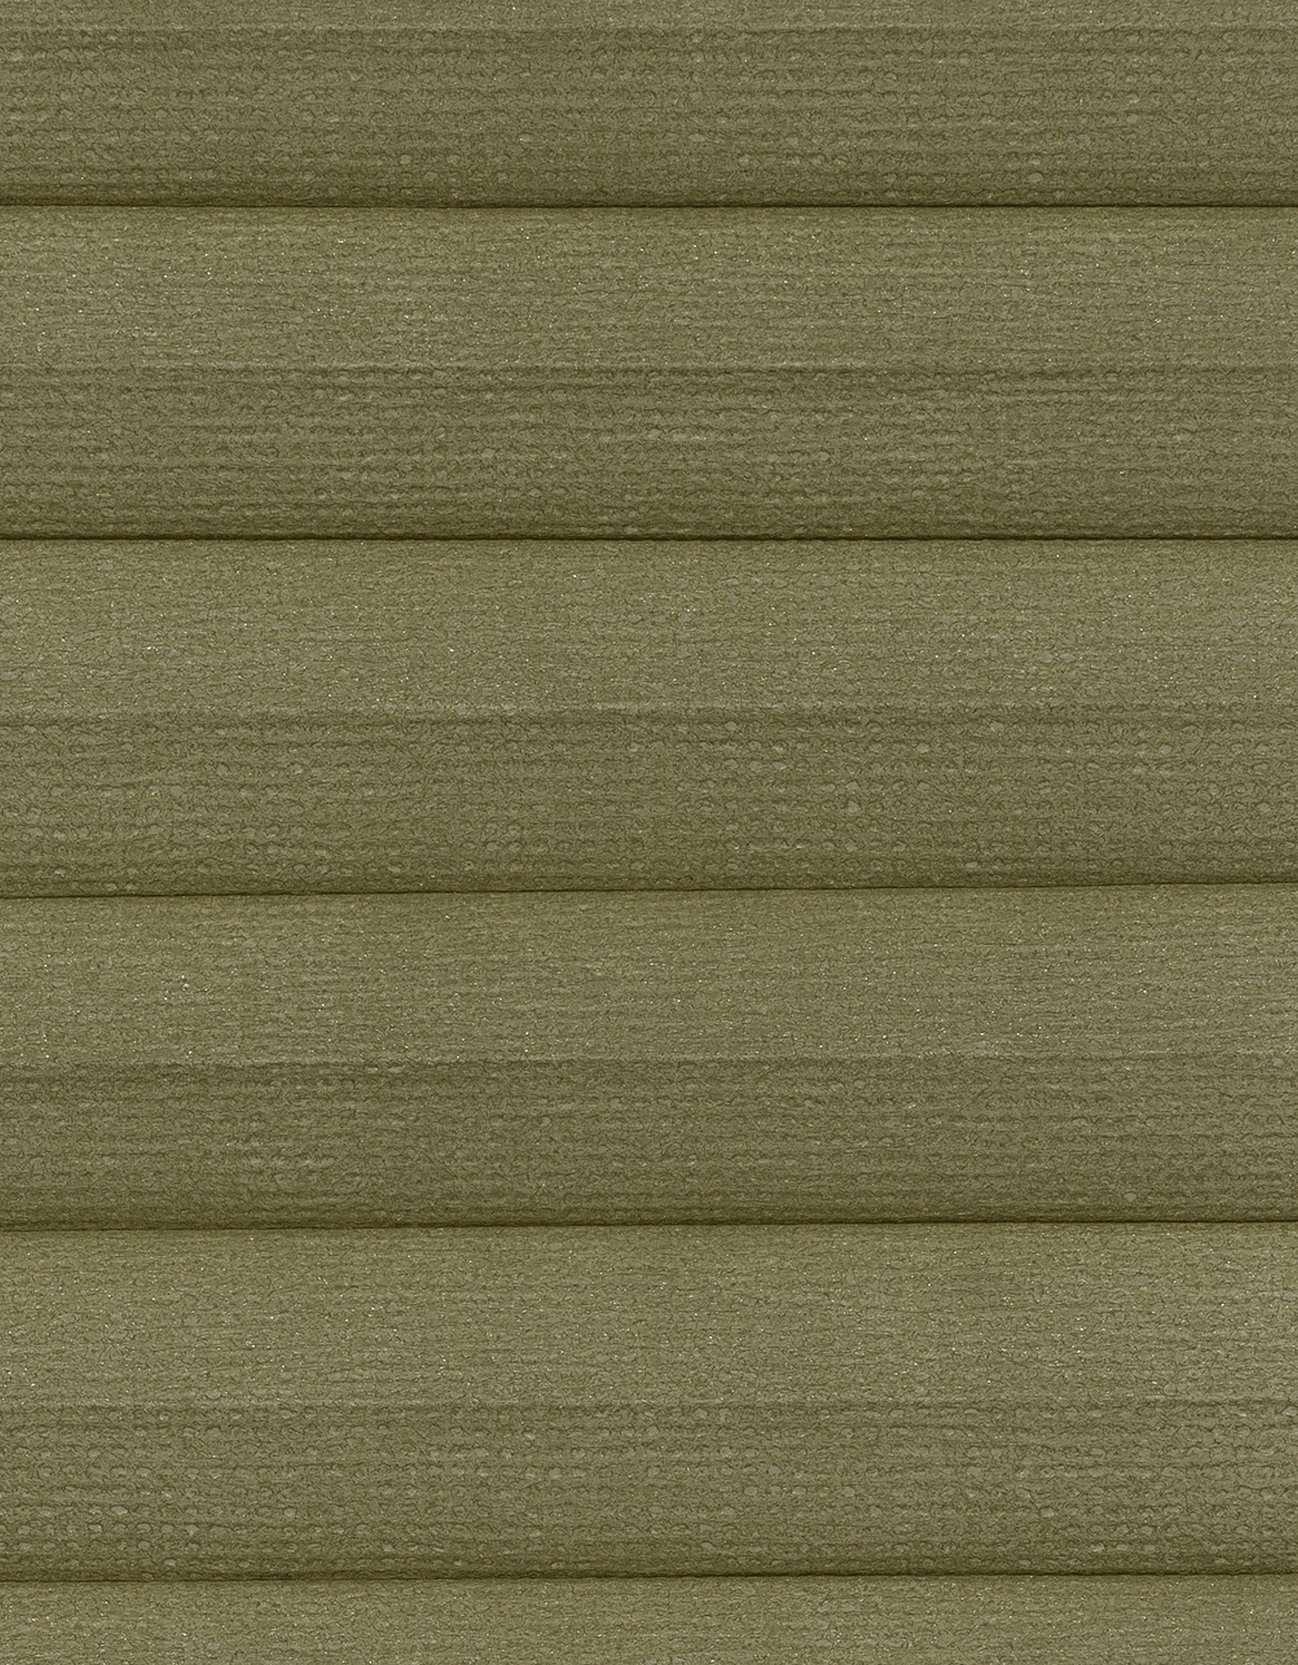 Semi-transparant Dupligordijnen 25 mm Kleurstaal Kiwi